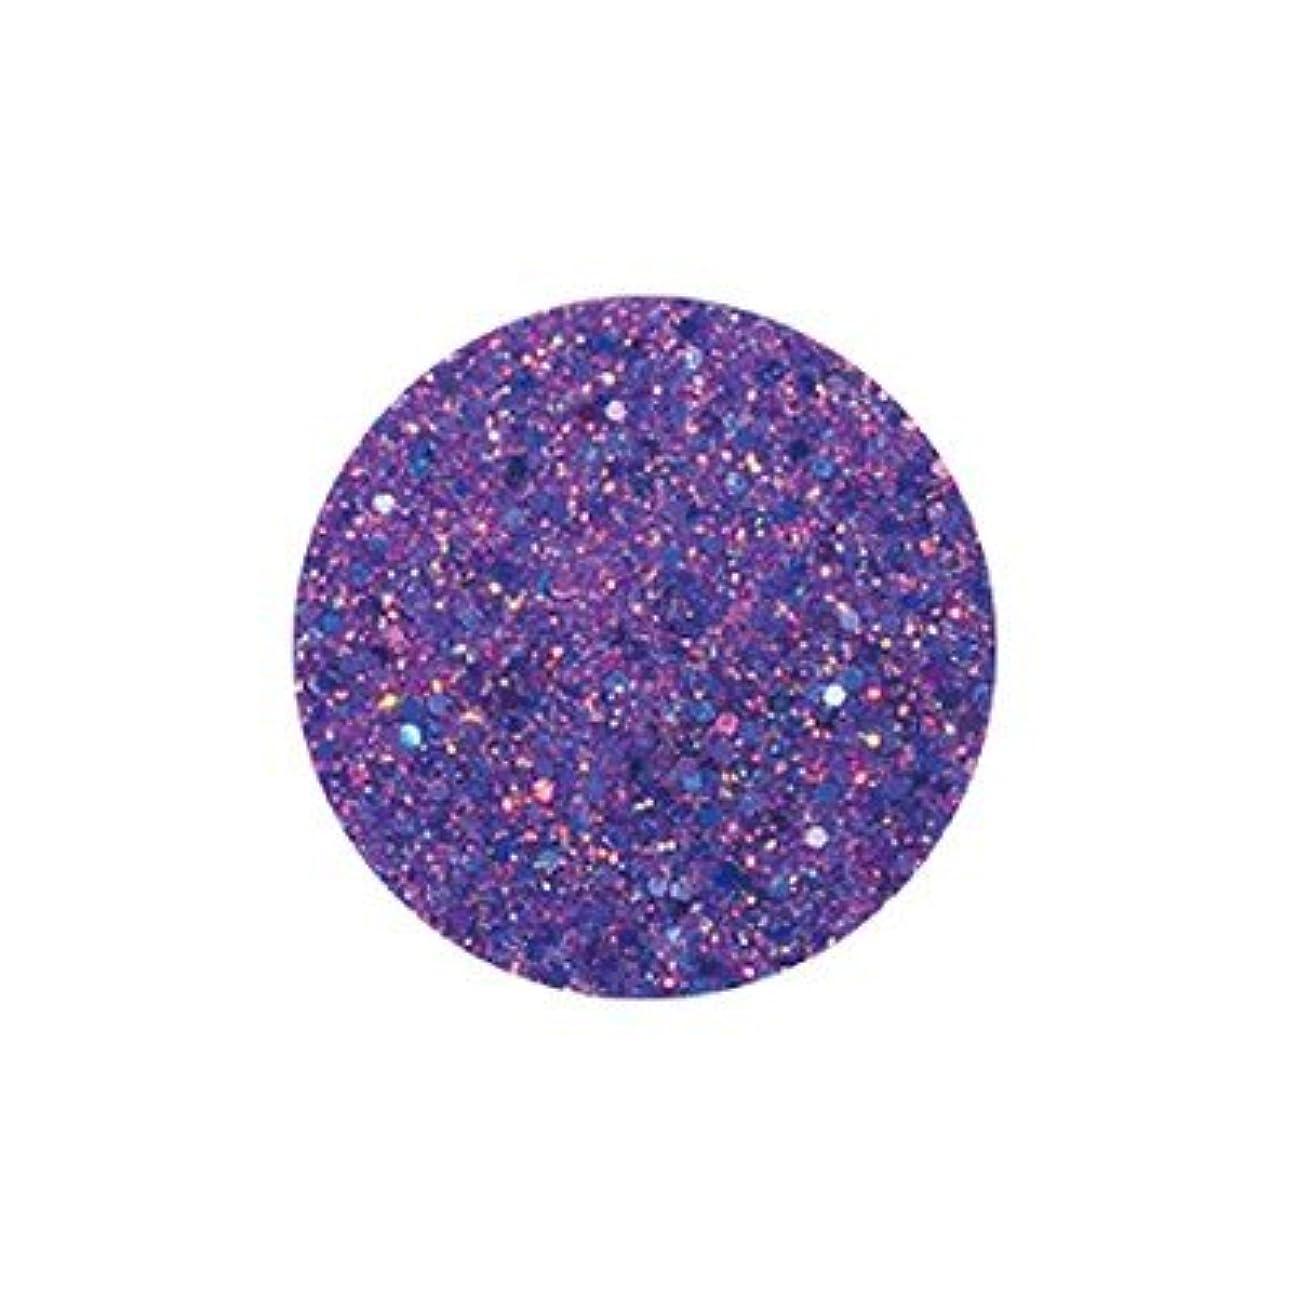 労働者フレキシブル抜本的なFANTASY NAIL ダイヤモンドコレクション 3g 4261XS カラーパウダー アート材